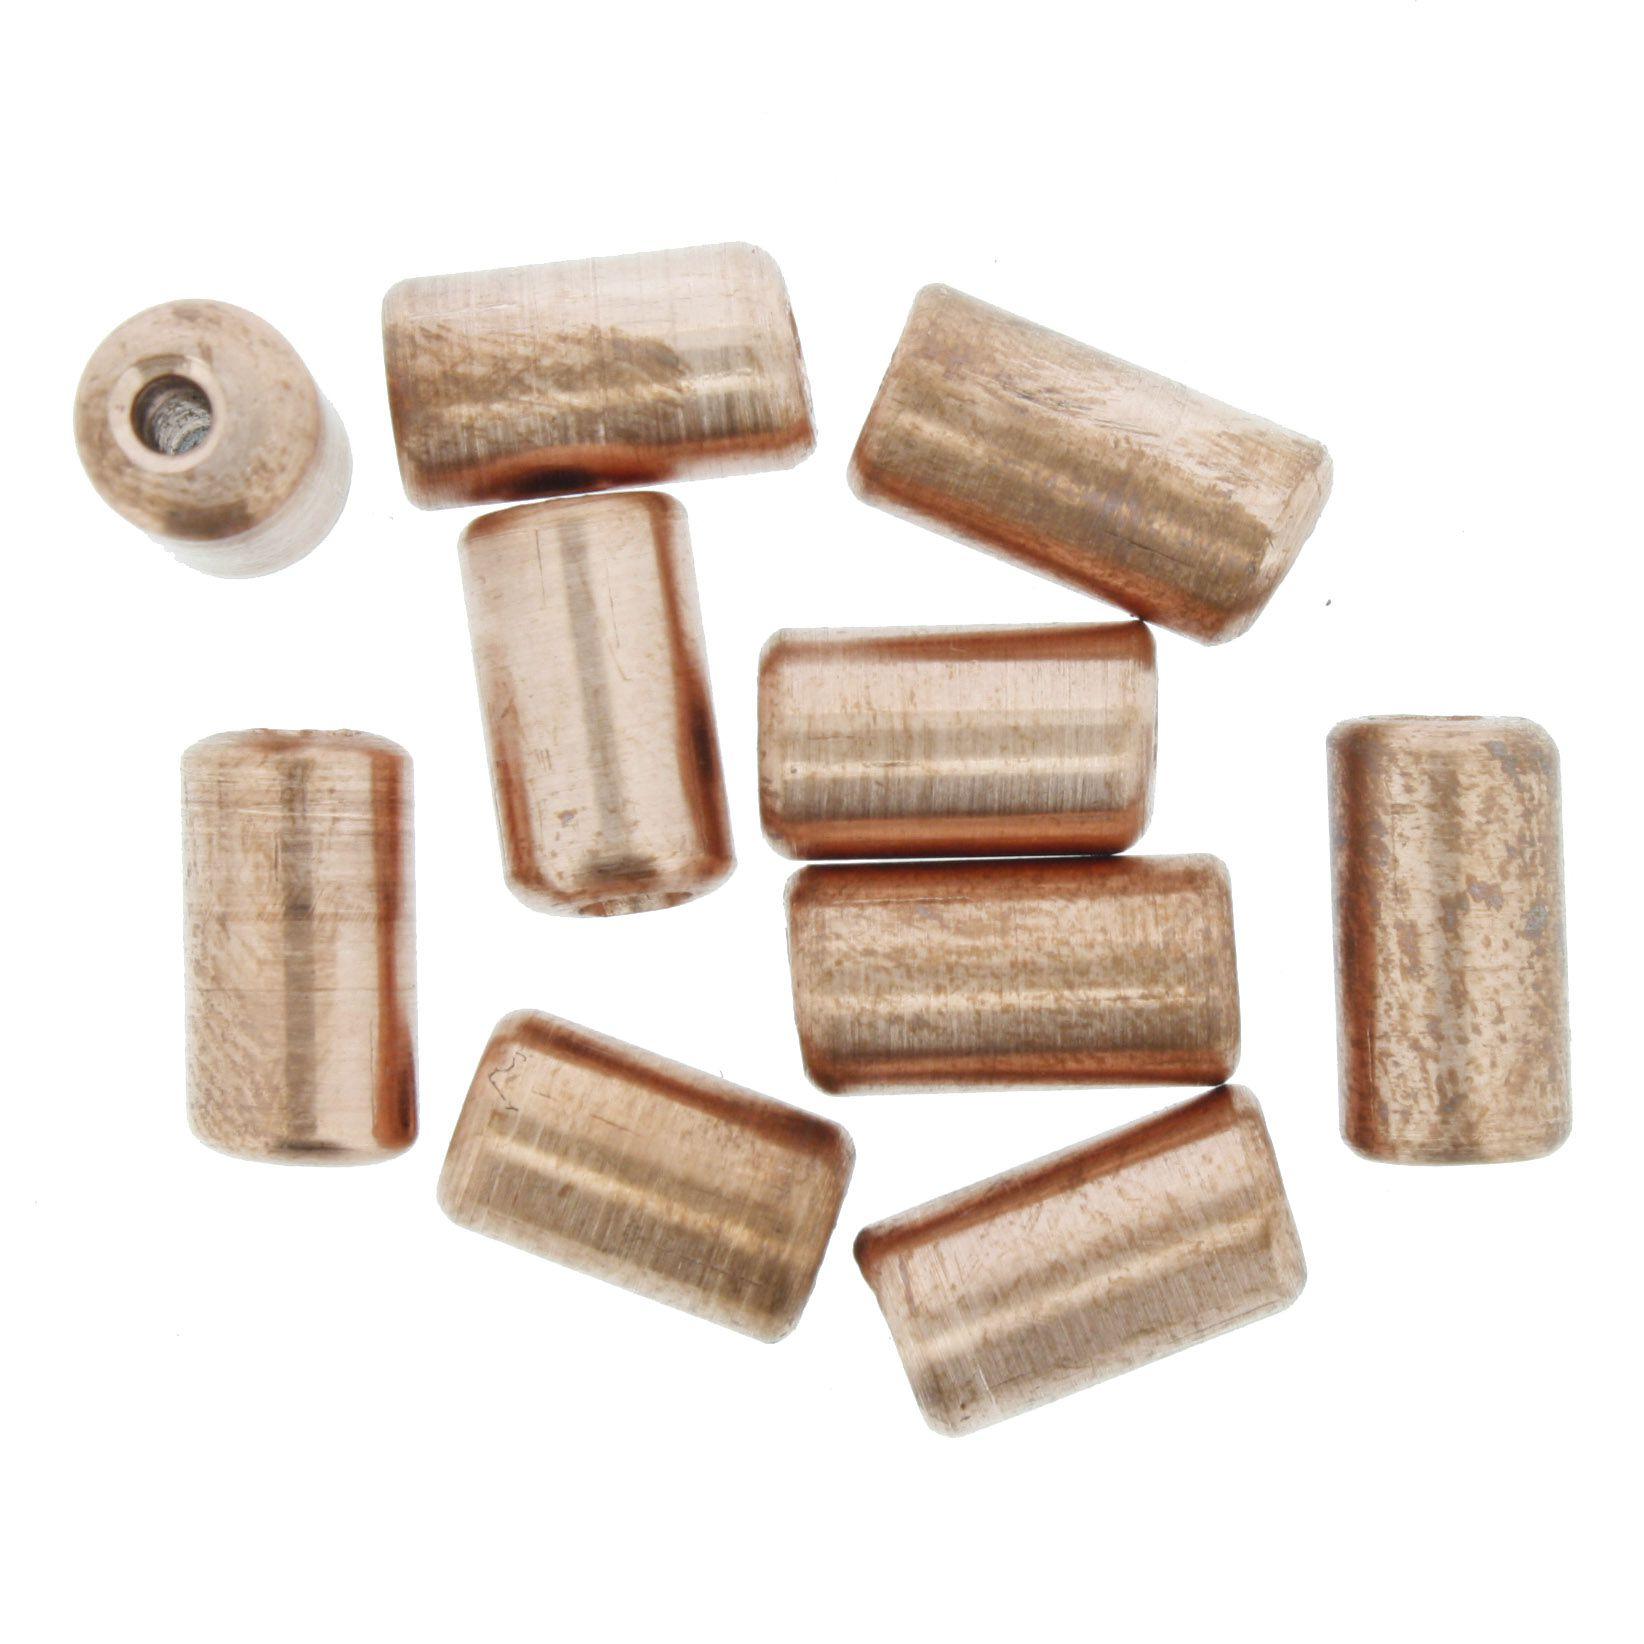 Firma Cooper® - Cobre - 12mm  - Stéphanie Bijoux® - Peças para Bijuterias e Artesanato